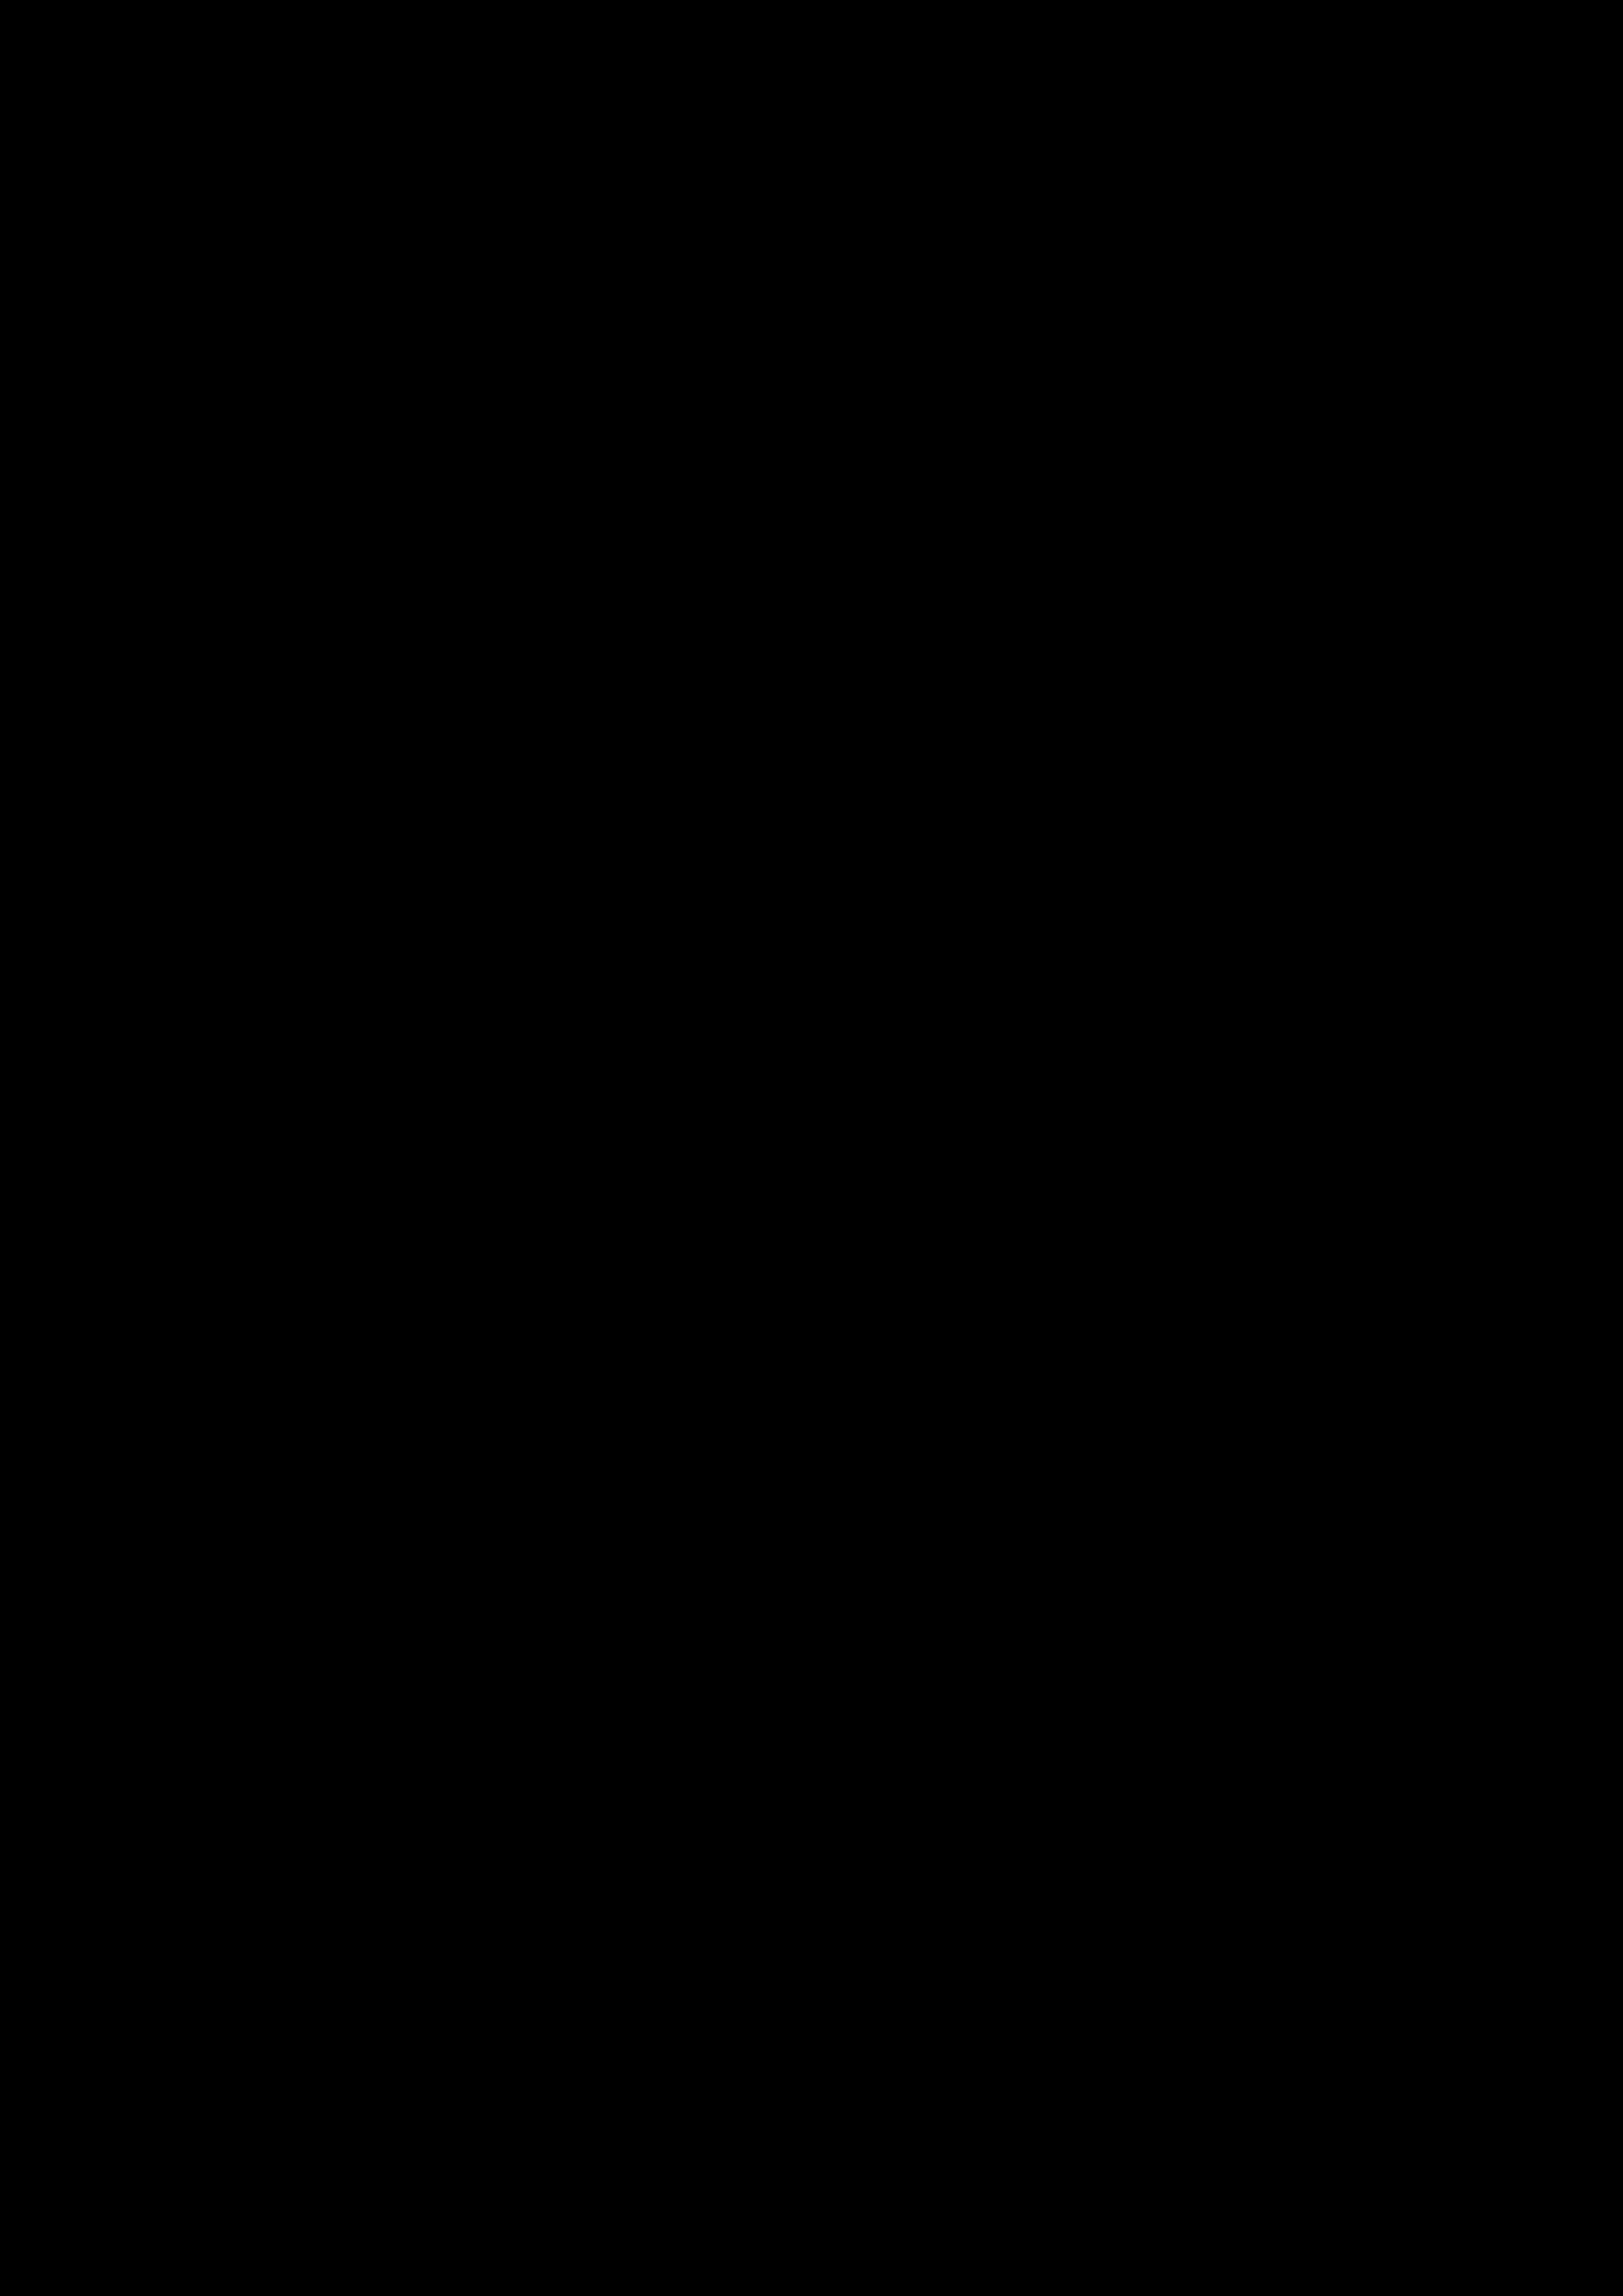 Concert TIAS TRIO dimanche 21 octobre à Morainvilliers au profit d'Imagine for Margo